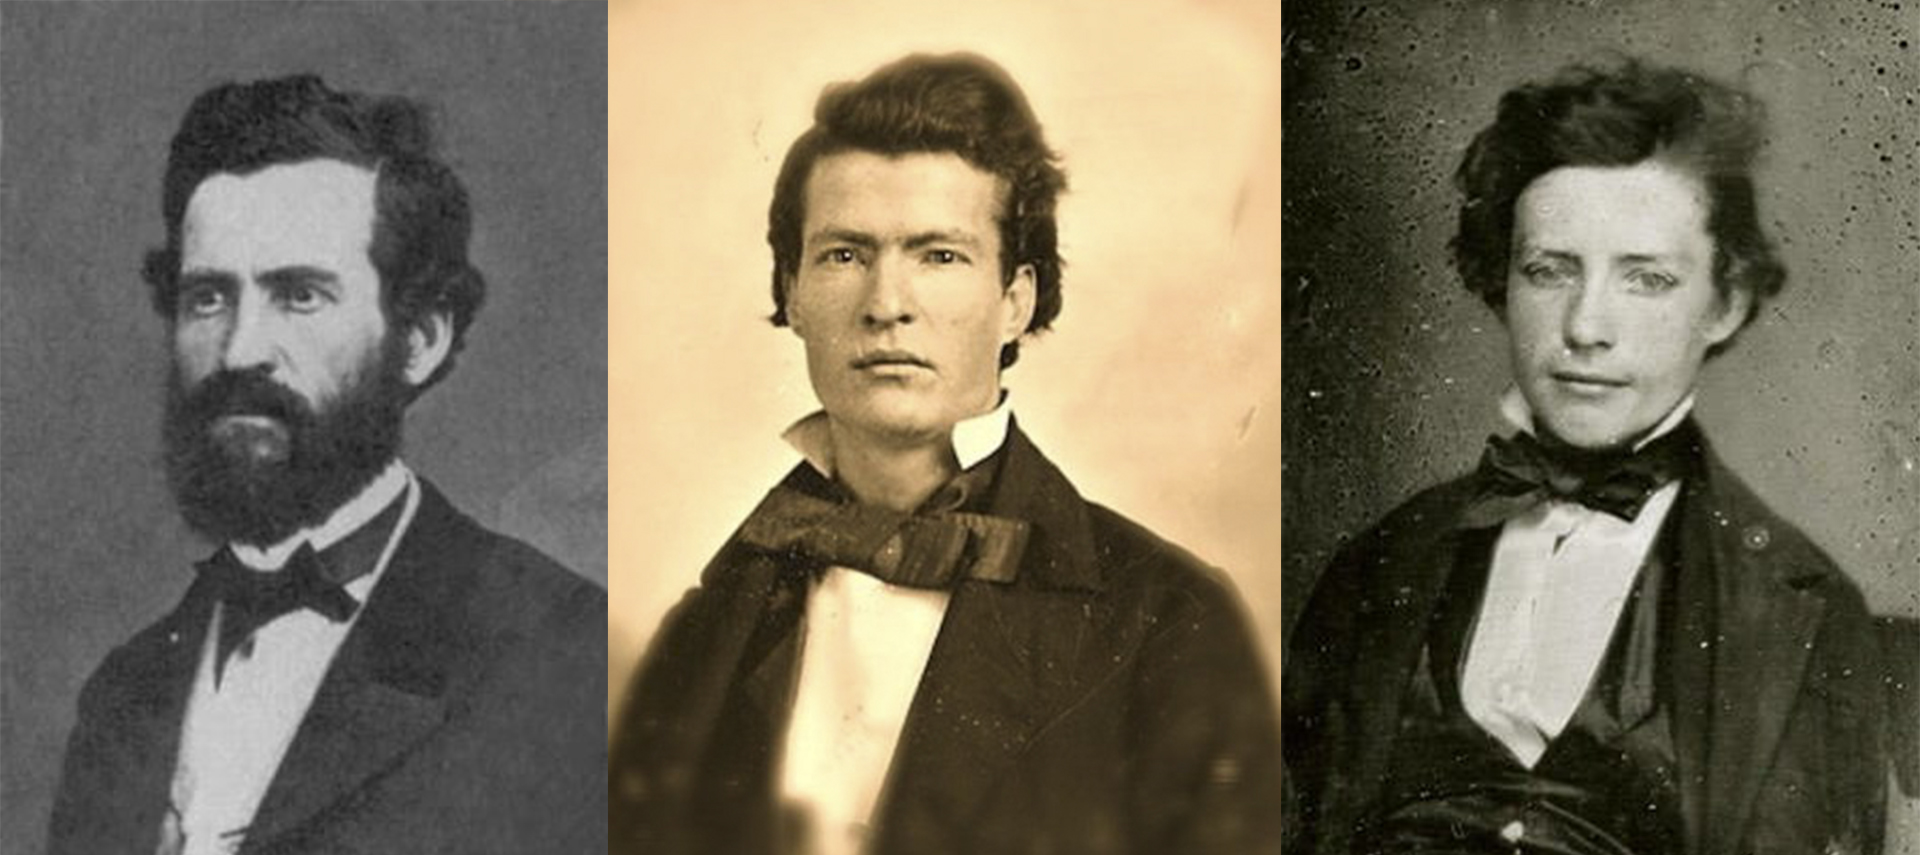 Los hermanos Twain: Orión, Samuel y Henry